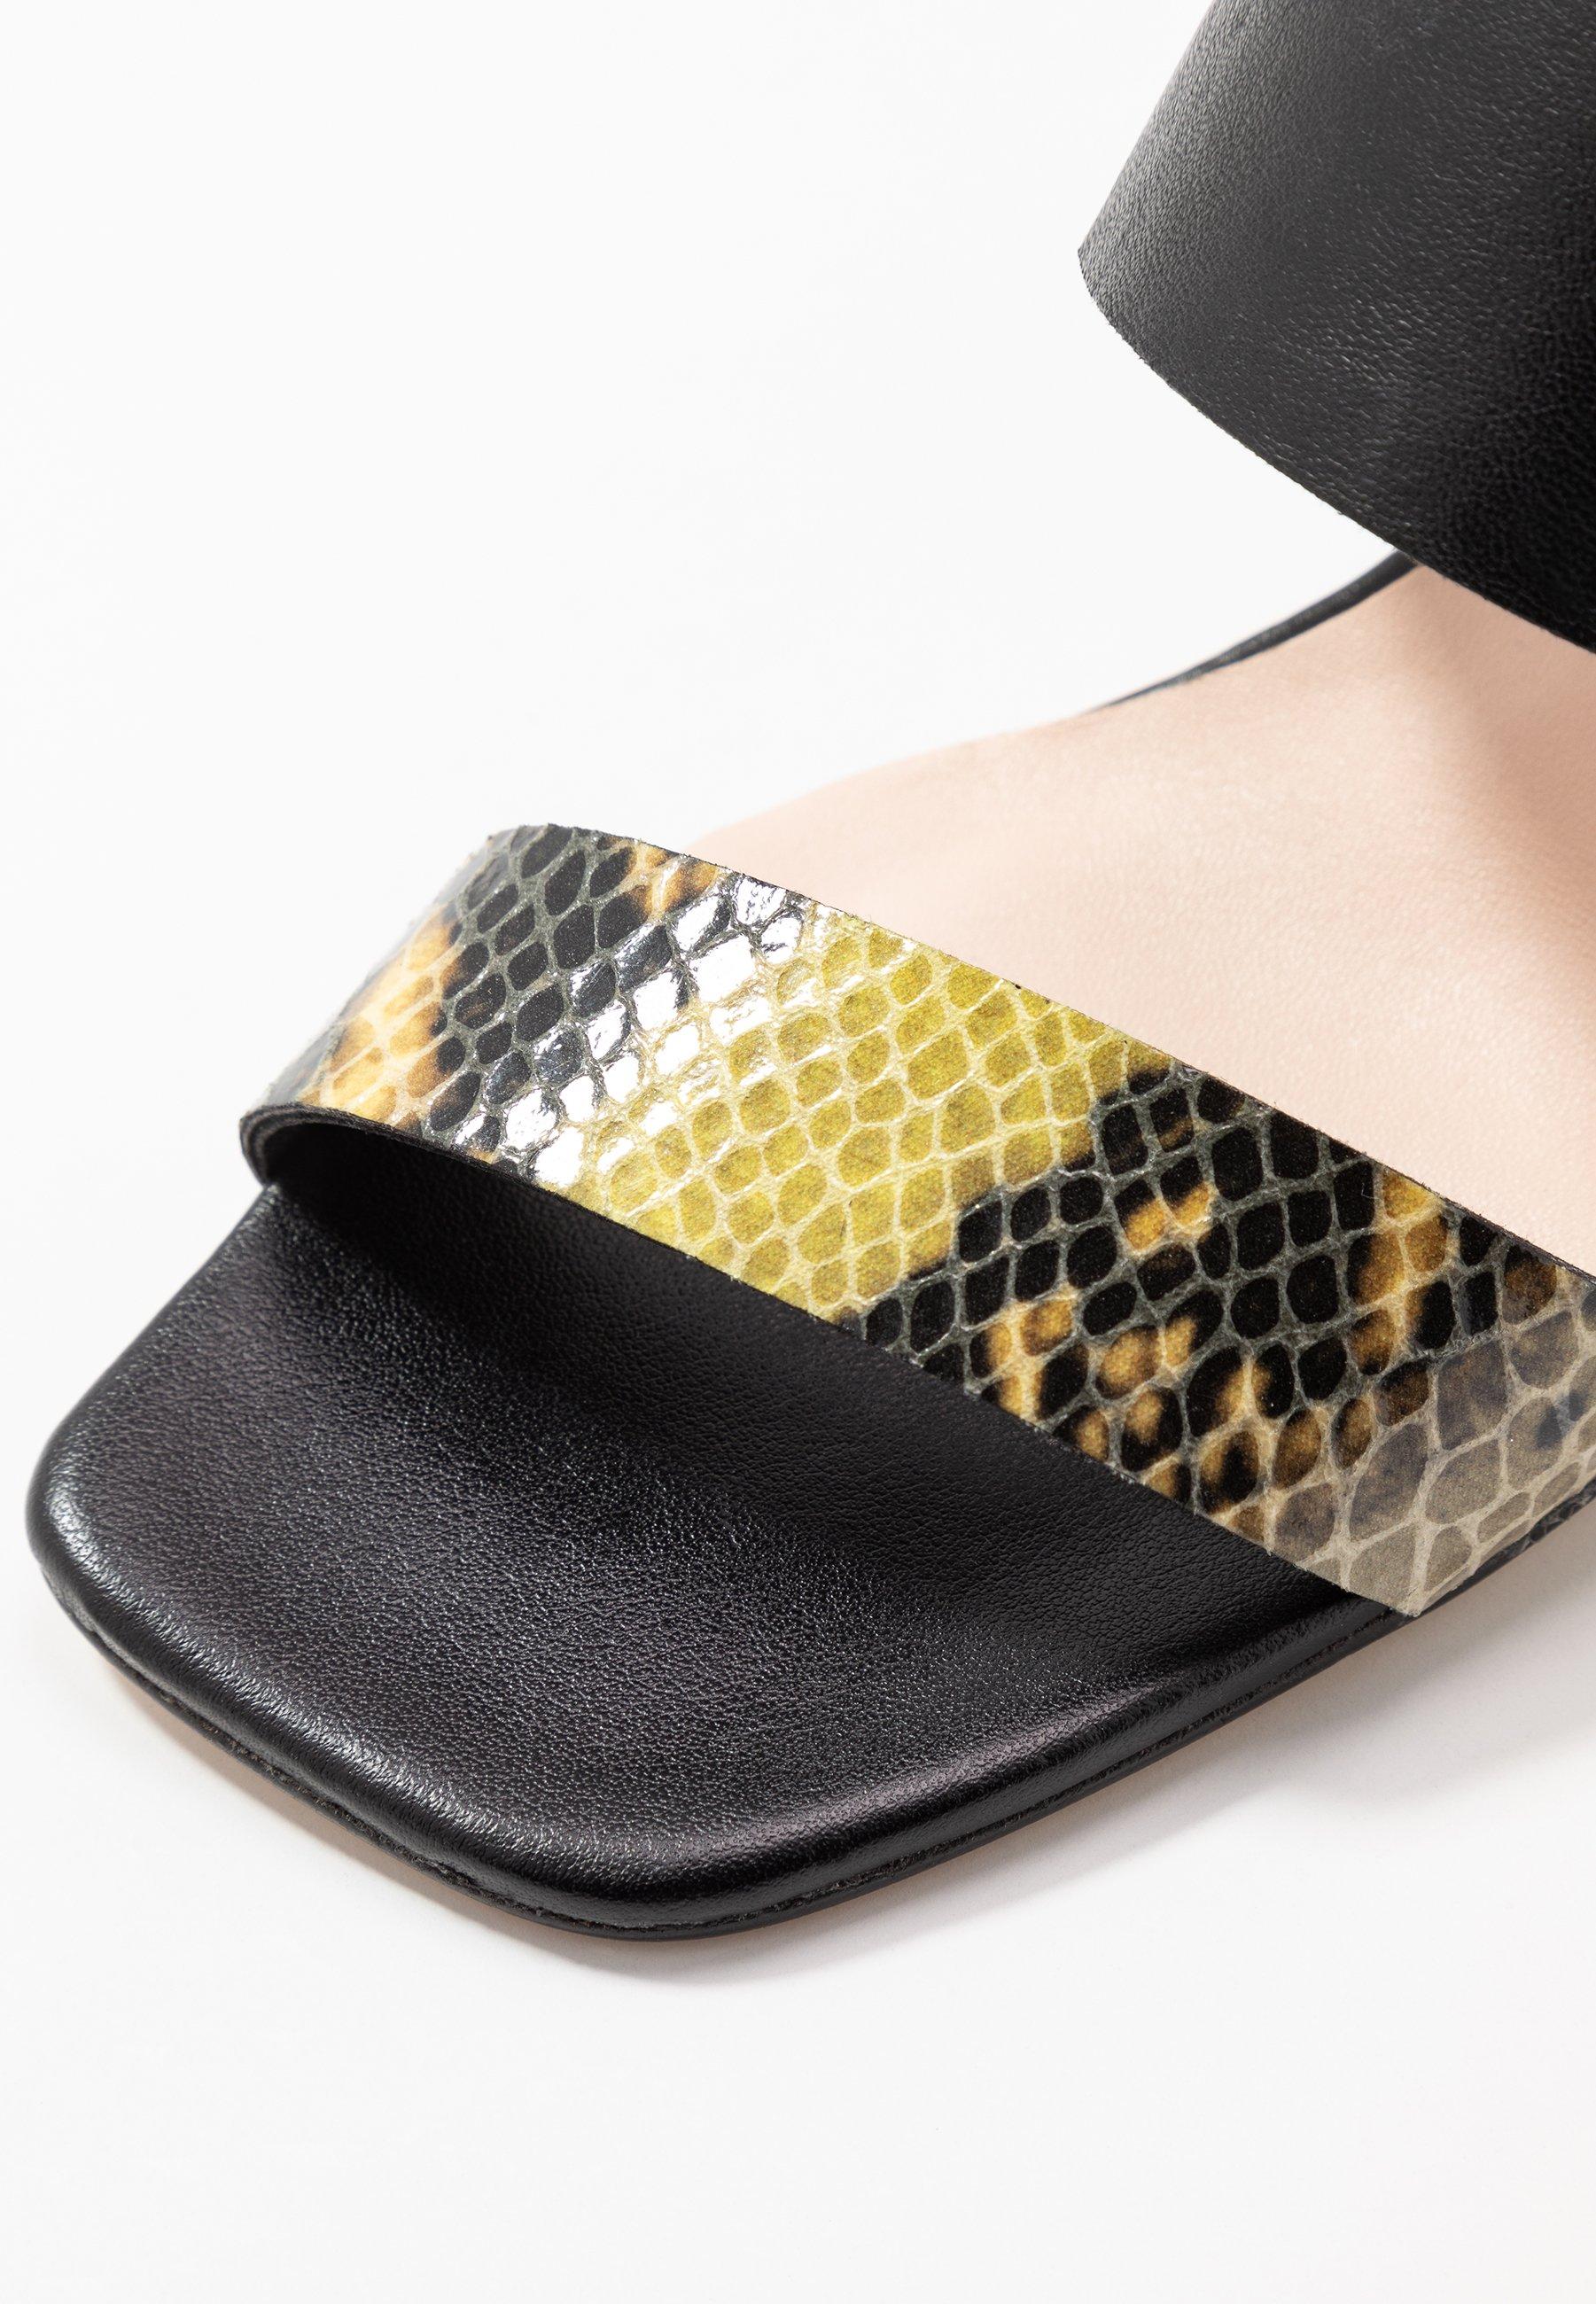 Tosca Blu Maiorca - Sandaletter Nero/giallo